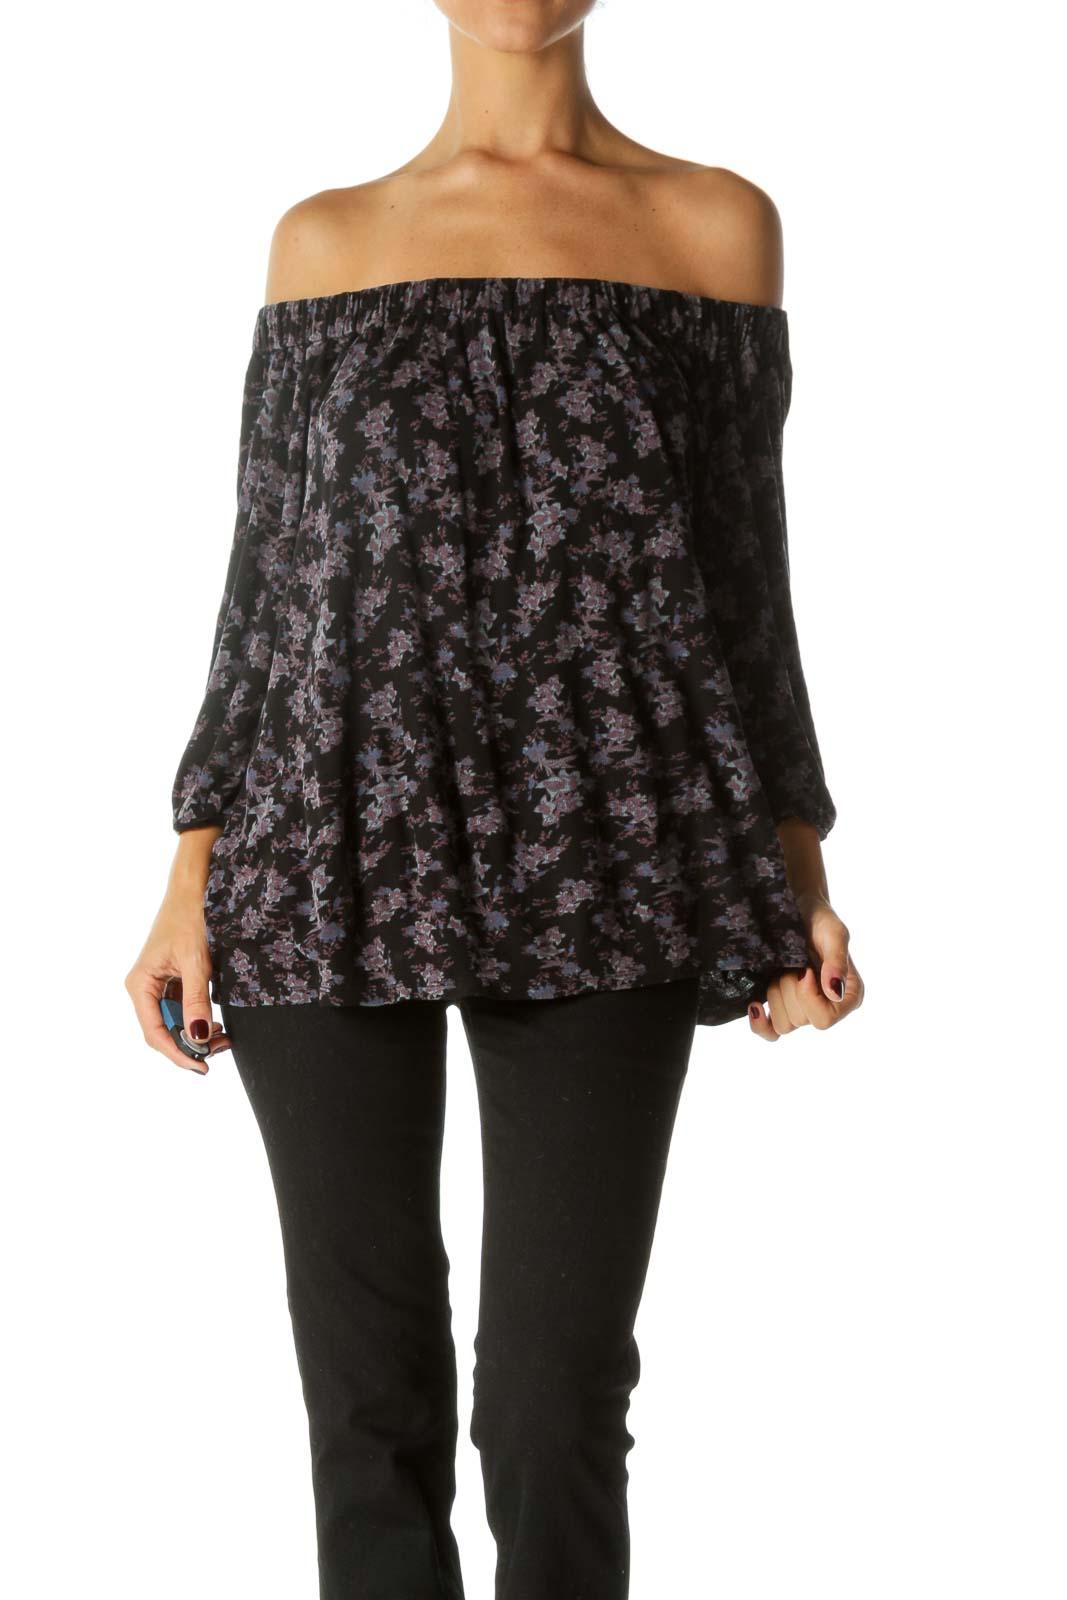 Black Purple Cold Shoulder Floral Print 3/4 Sleeve Knit Top Front